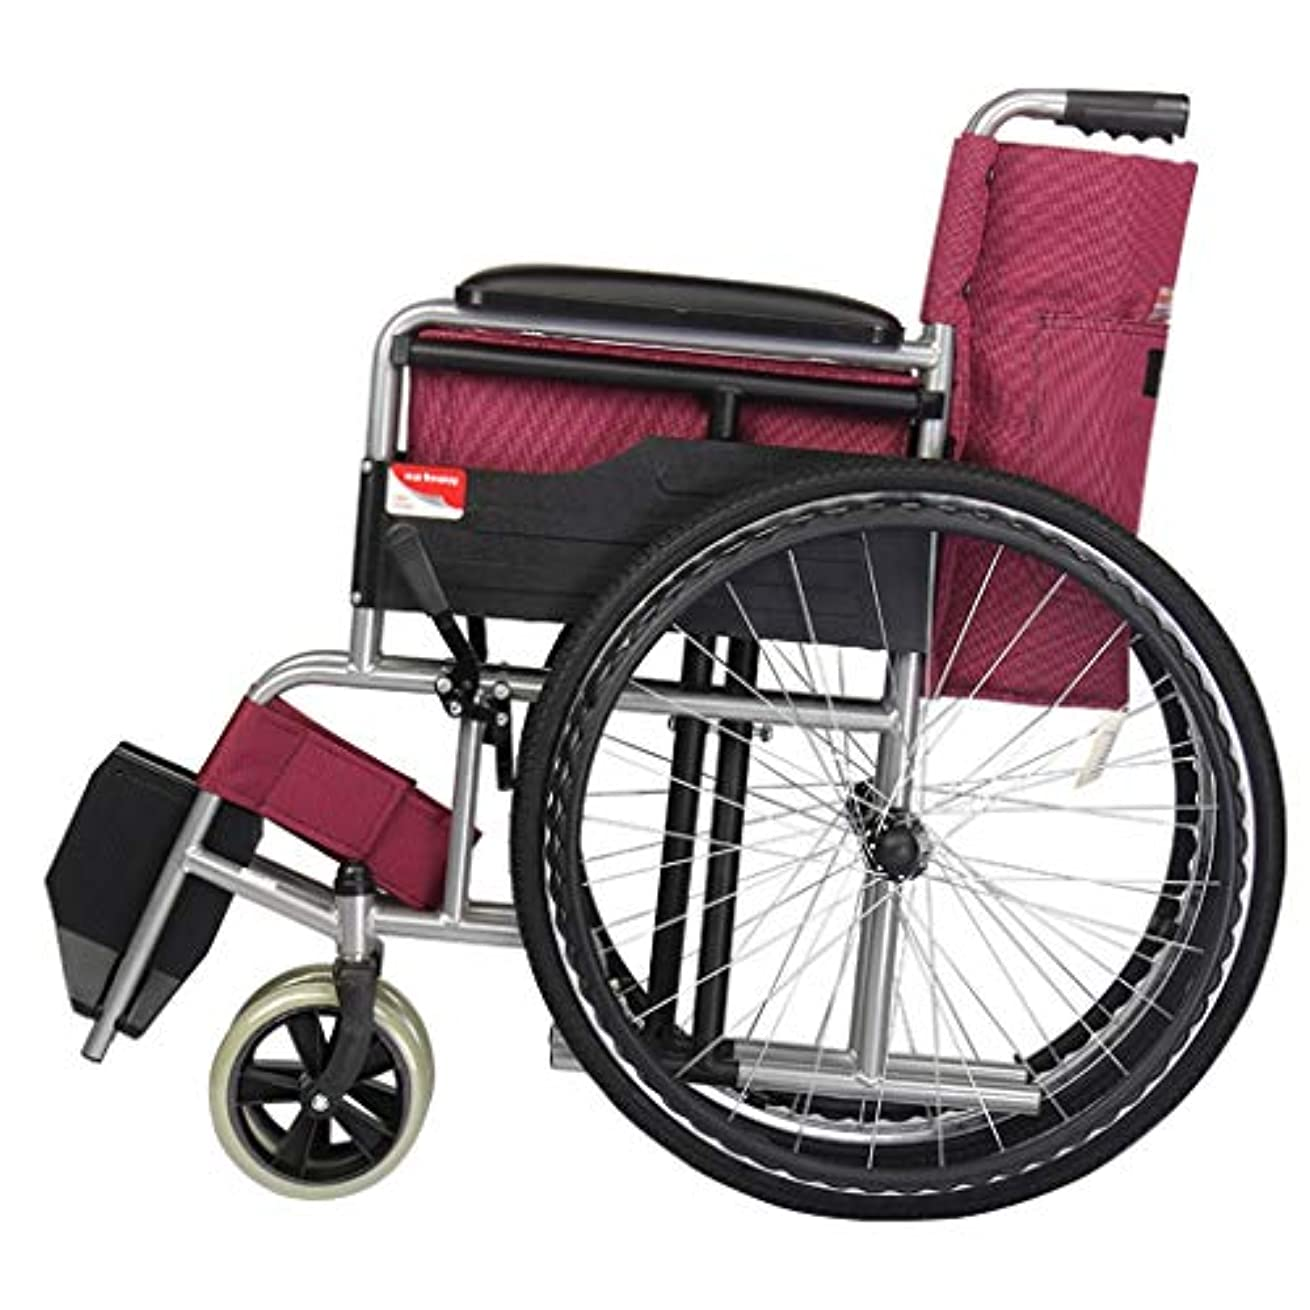 思春期の縫うパントリーハンドプッシュ車椅子、折りたたみ式ファミリーソフトシート車椅子、快適な老人旅行用車椅子